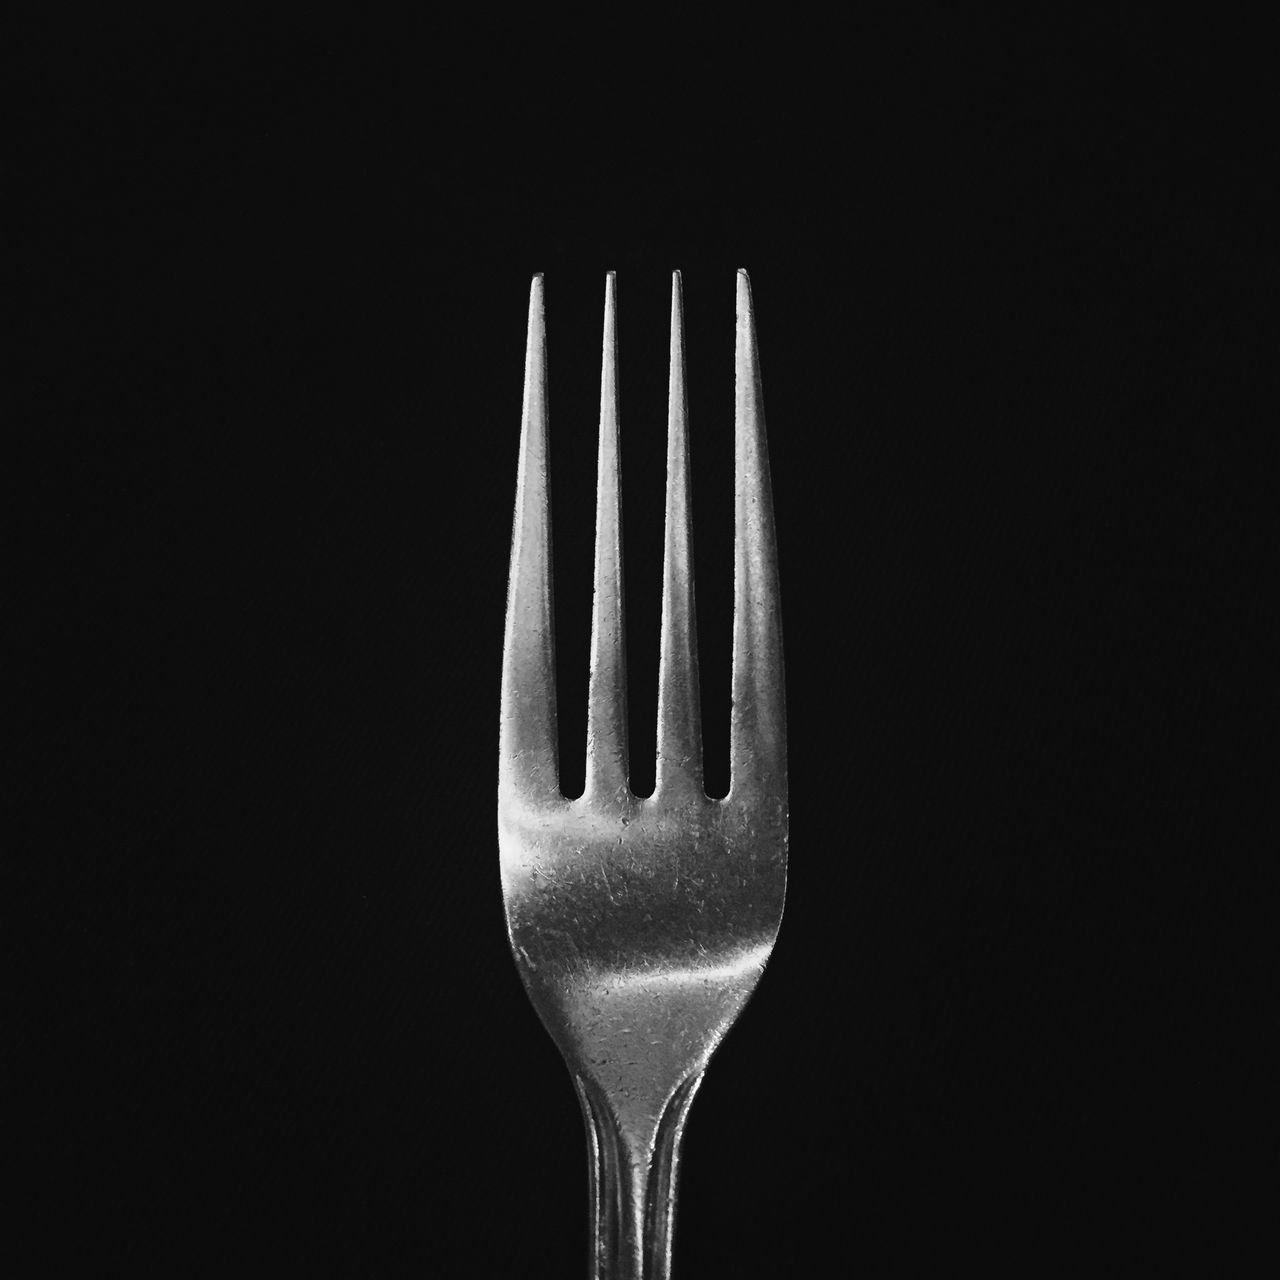 Close-Up Of Fork Against Black Background